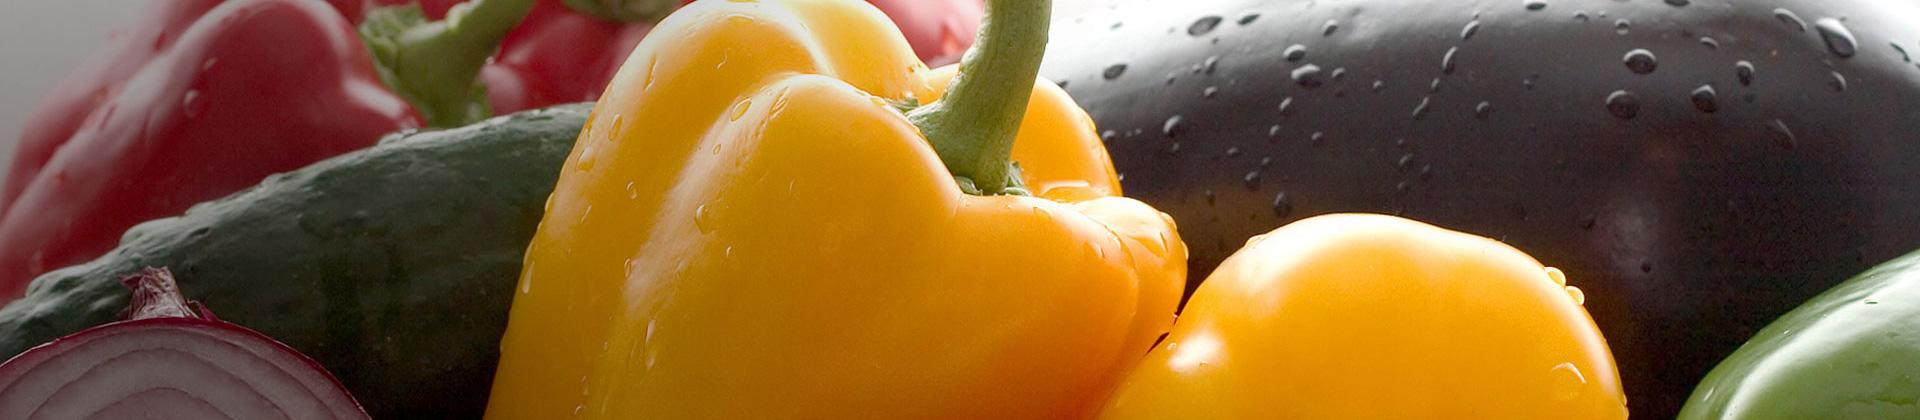 Paprika/Aubergine